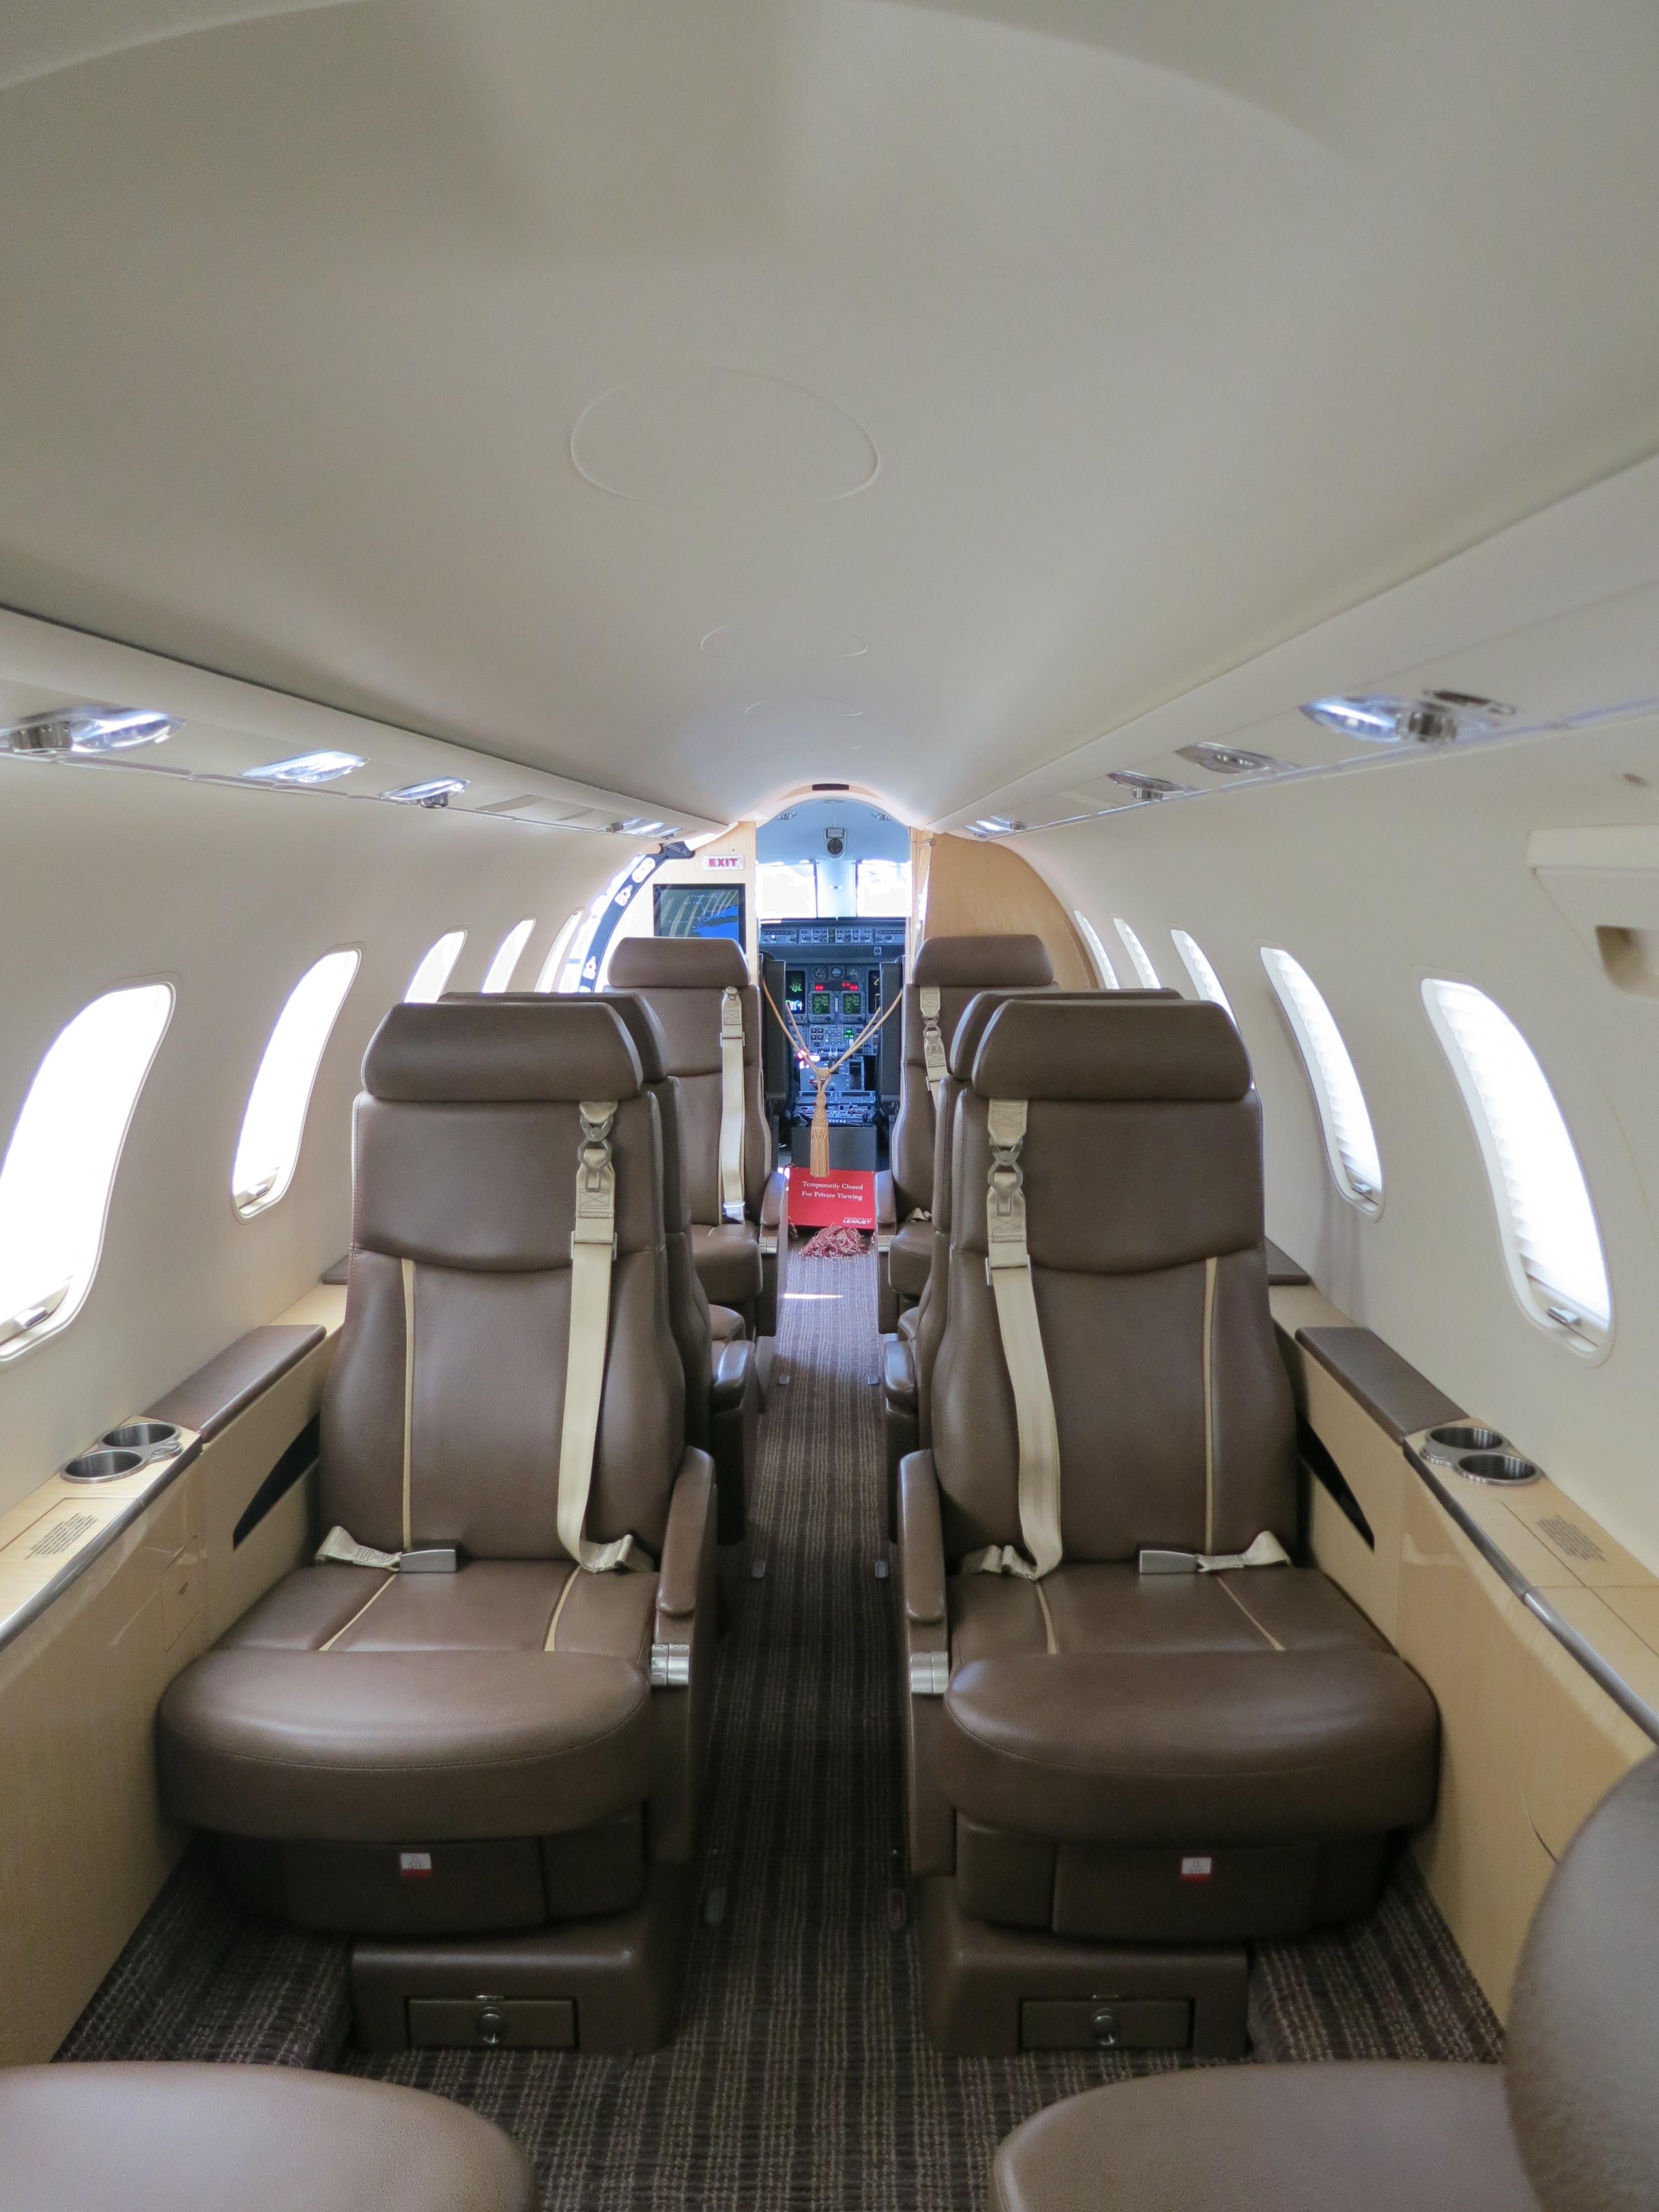 Салон с кожаными креслами в реактивном самолёте Learjet 45XR